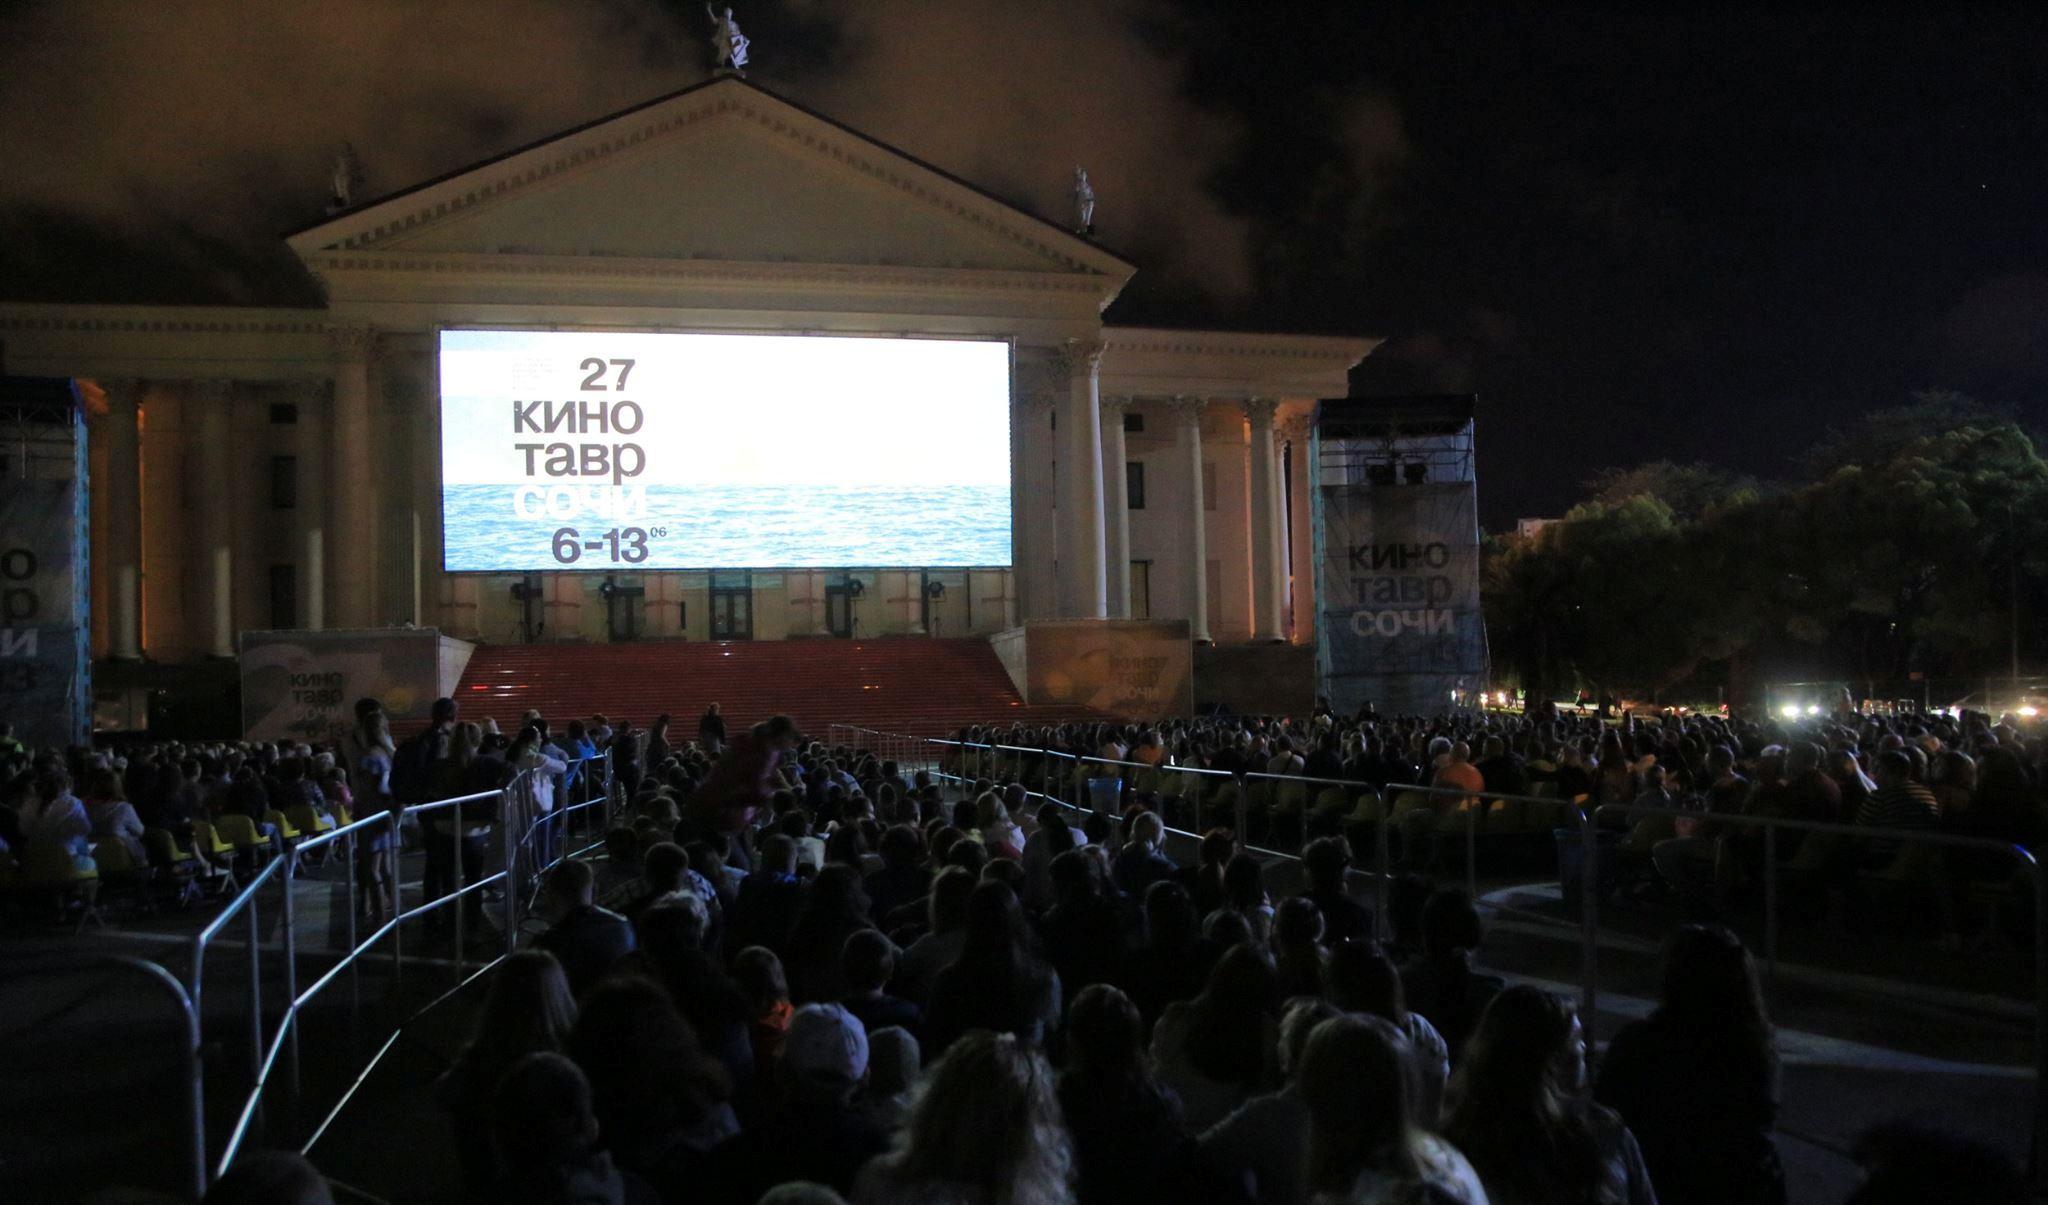 Kinotavr view